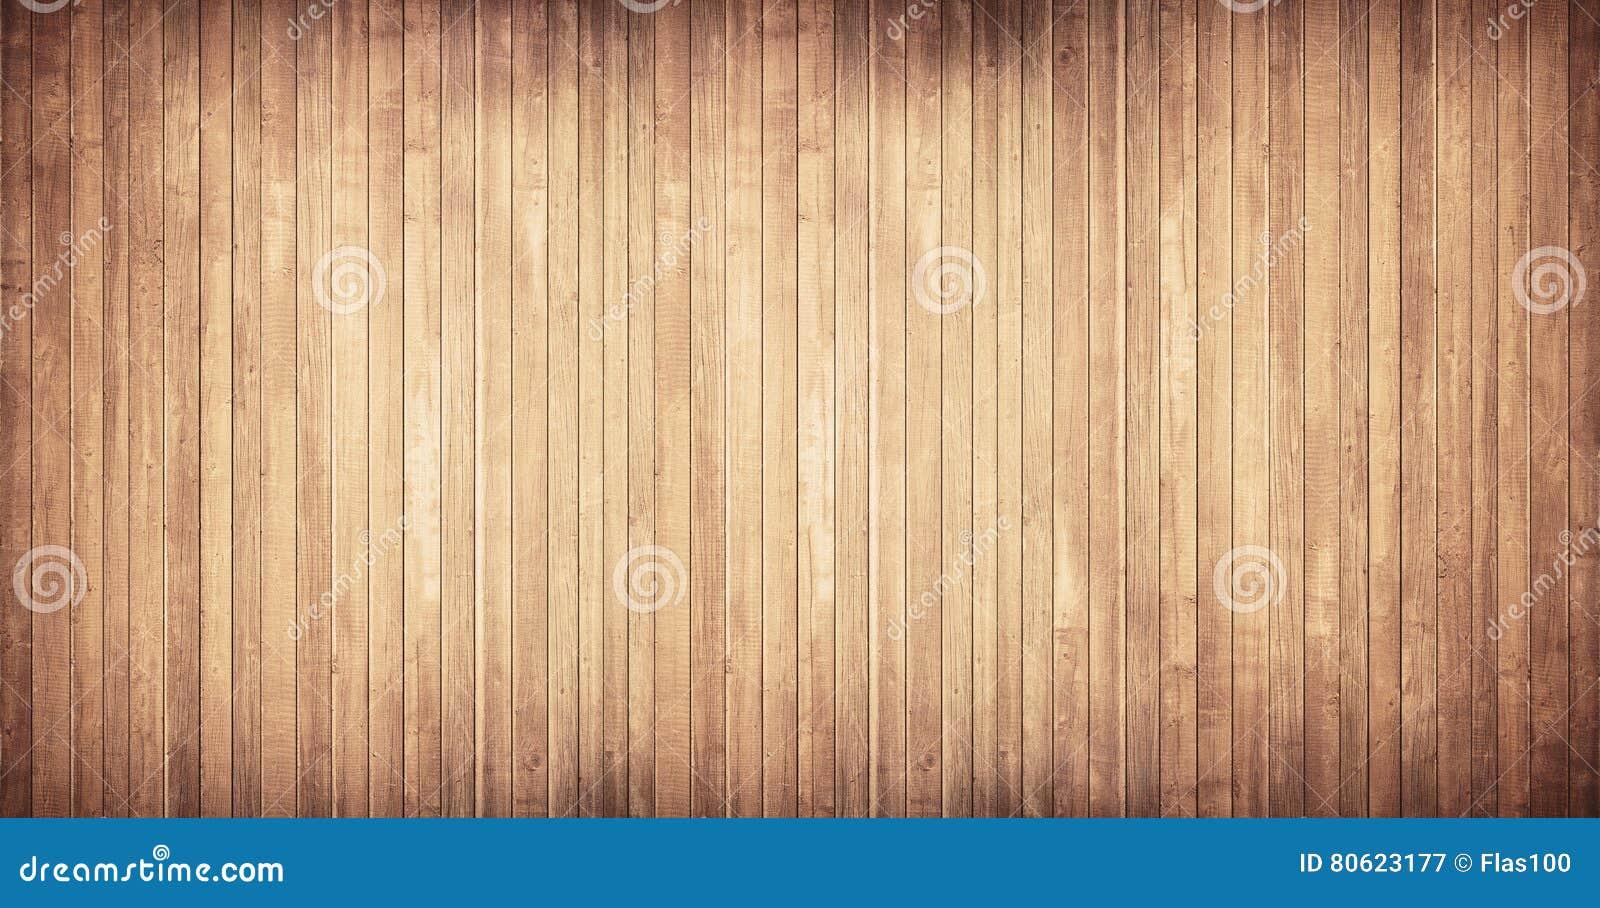 Houten Planken Op De Muur.Bruine Houten Planken Muur Tafelblad Vloeroppervlakte Stock